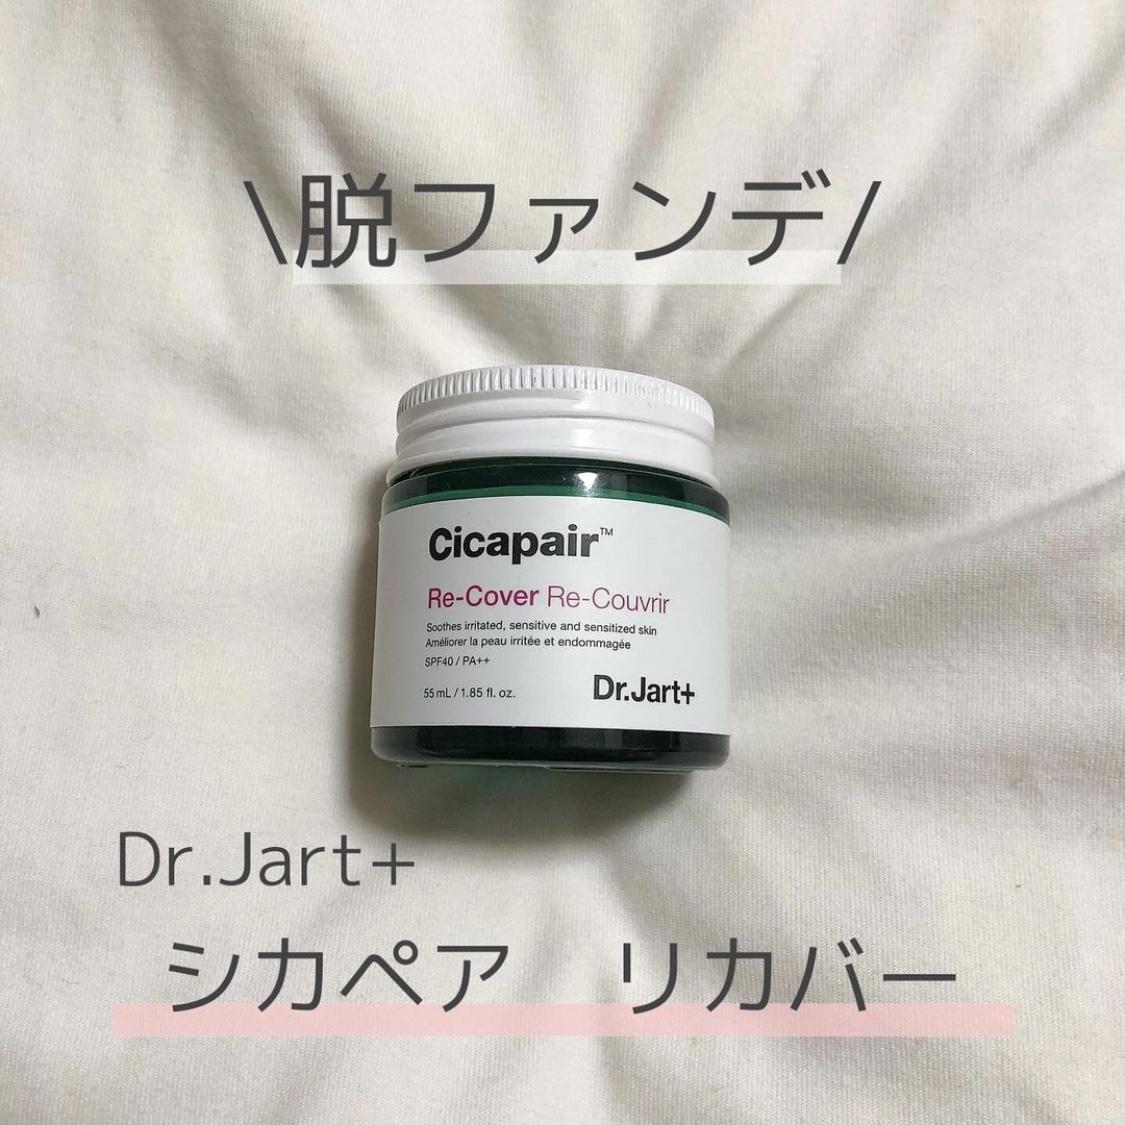 Dr.Jart+(ドクタージャルト) シカペア リカバーを使ったぴこ@韓国コスメさんのクチコミ画像